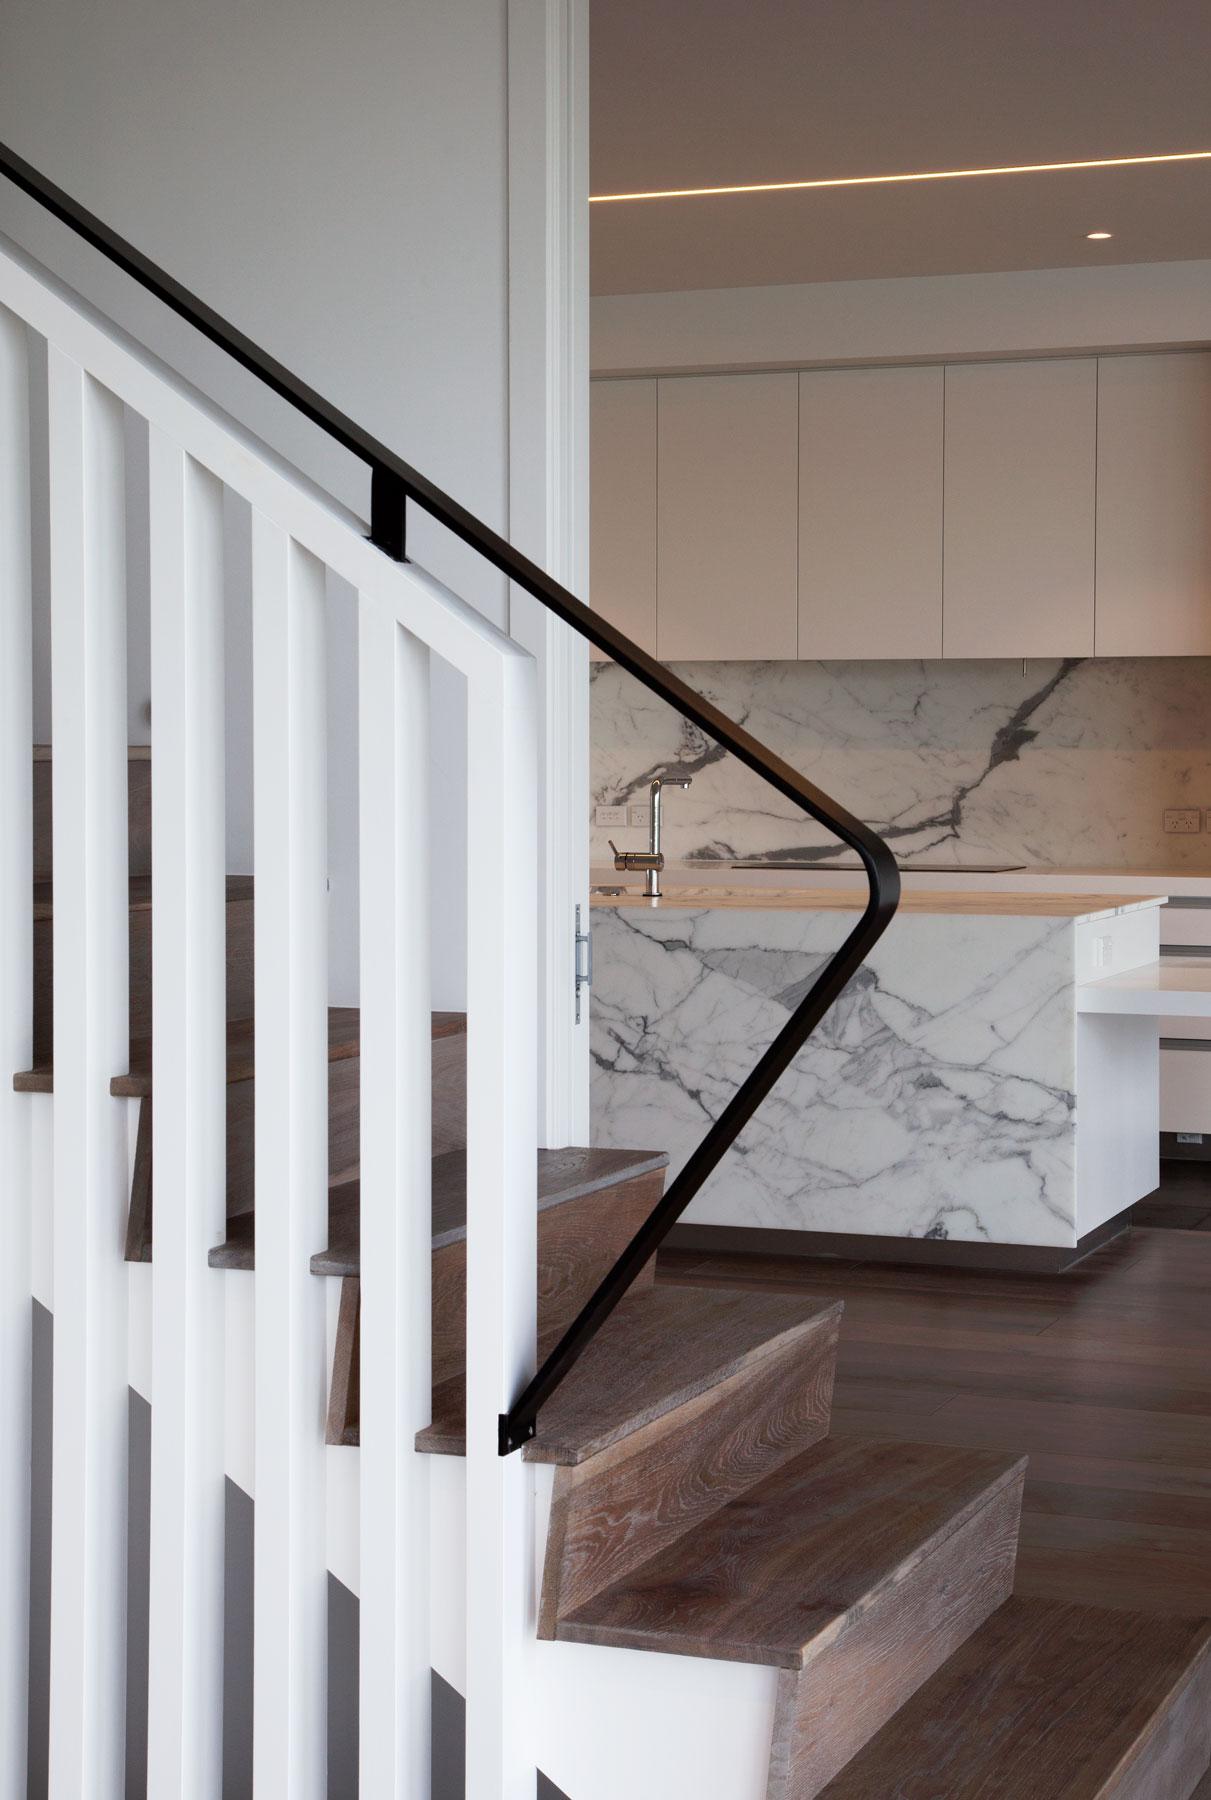 N Leuschke Kahn Architects Kitchen IMG_4308.jpg